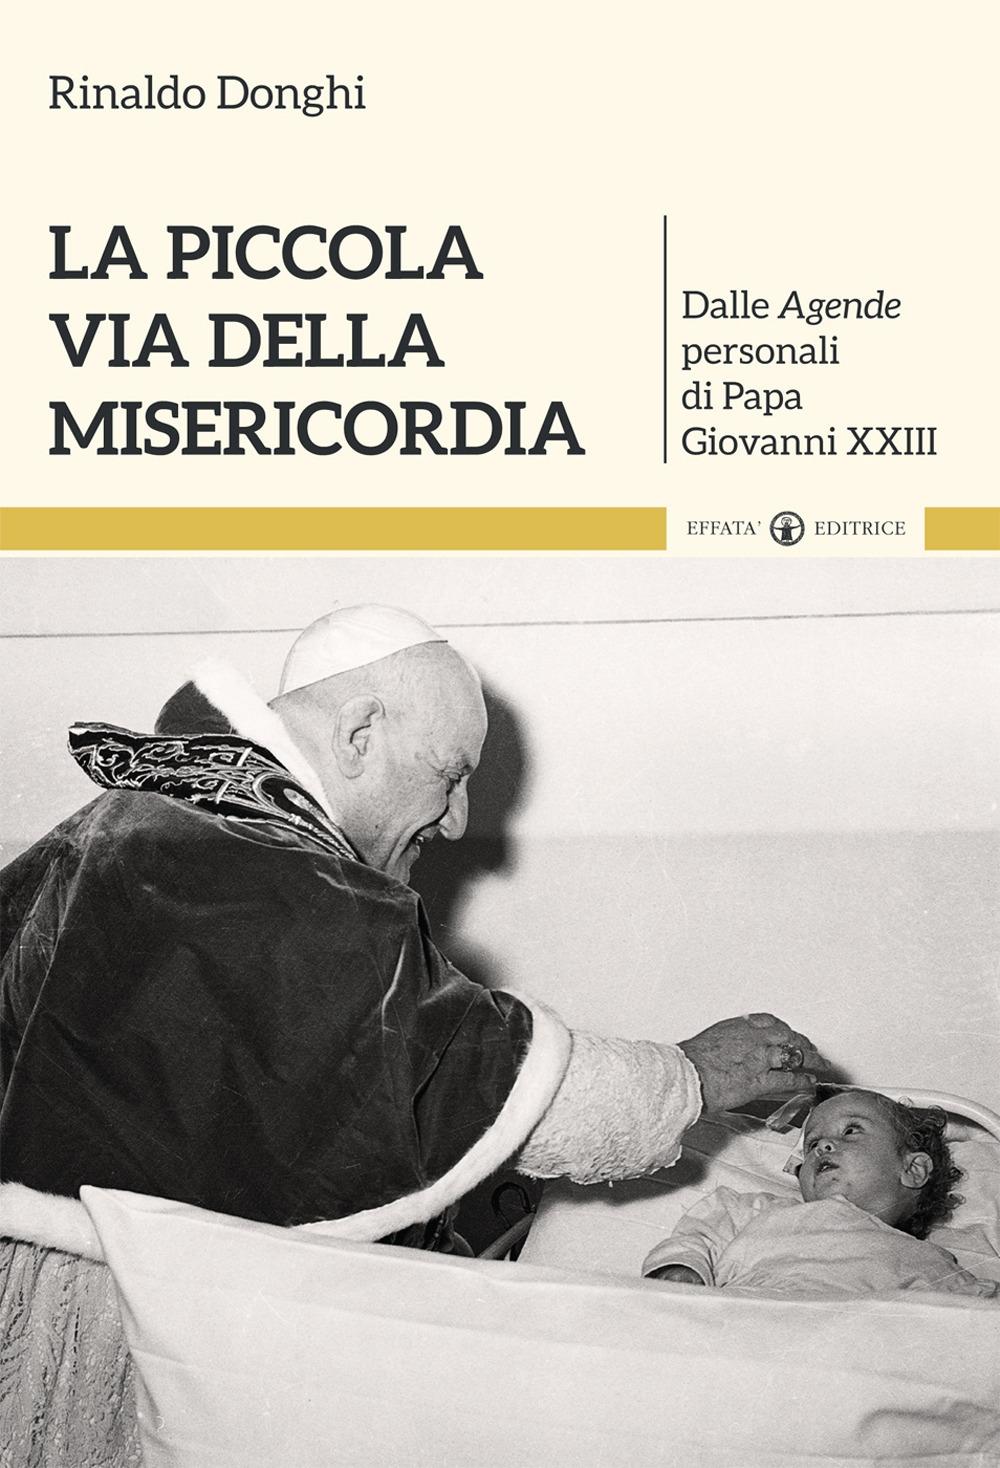 La piccola via della misericordia. Dalle agende personali di san Giovanni XXIII.